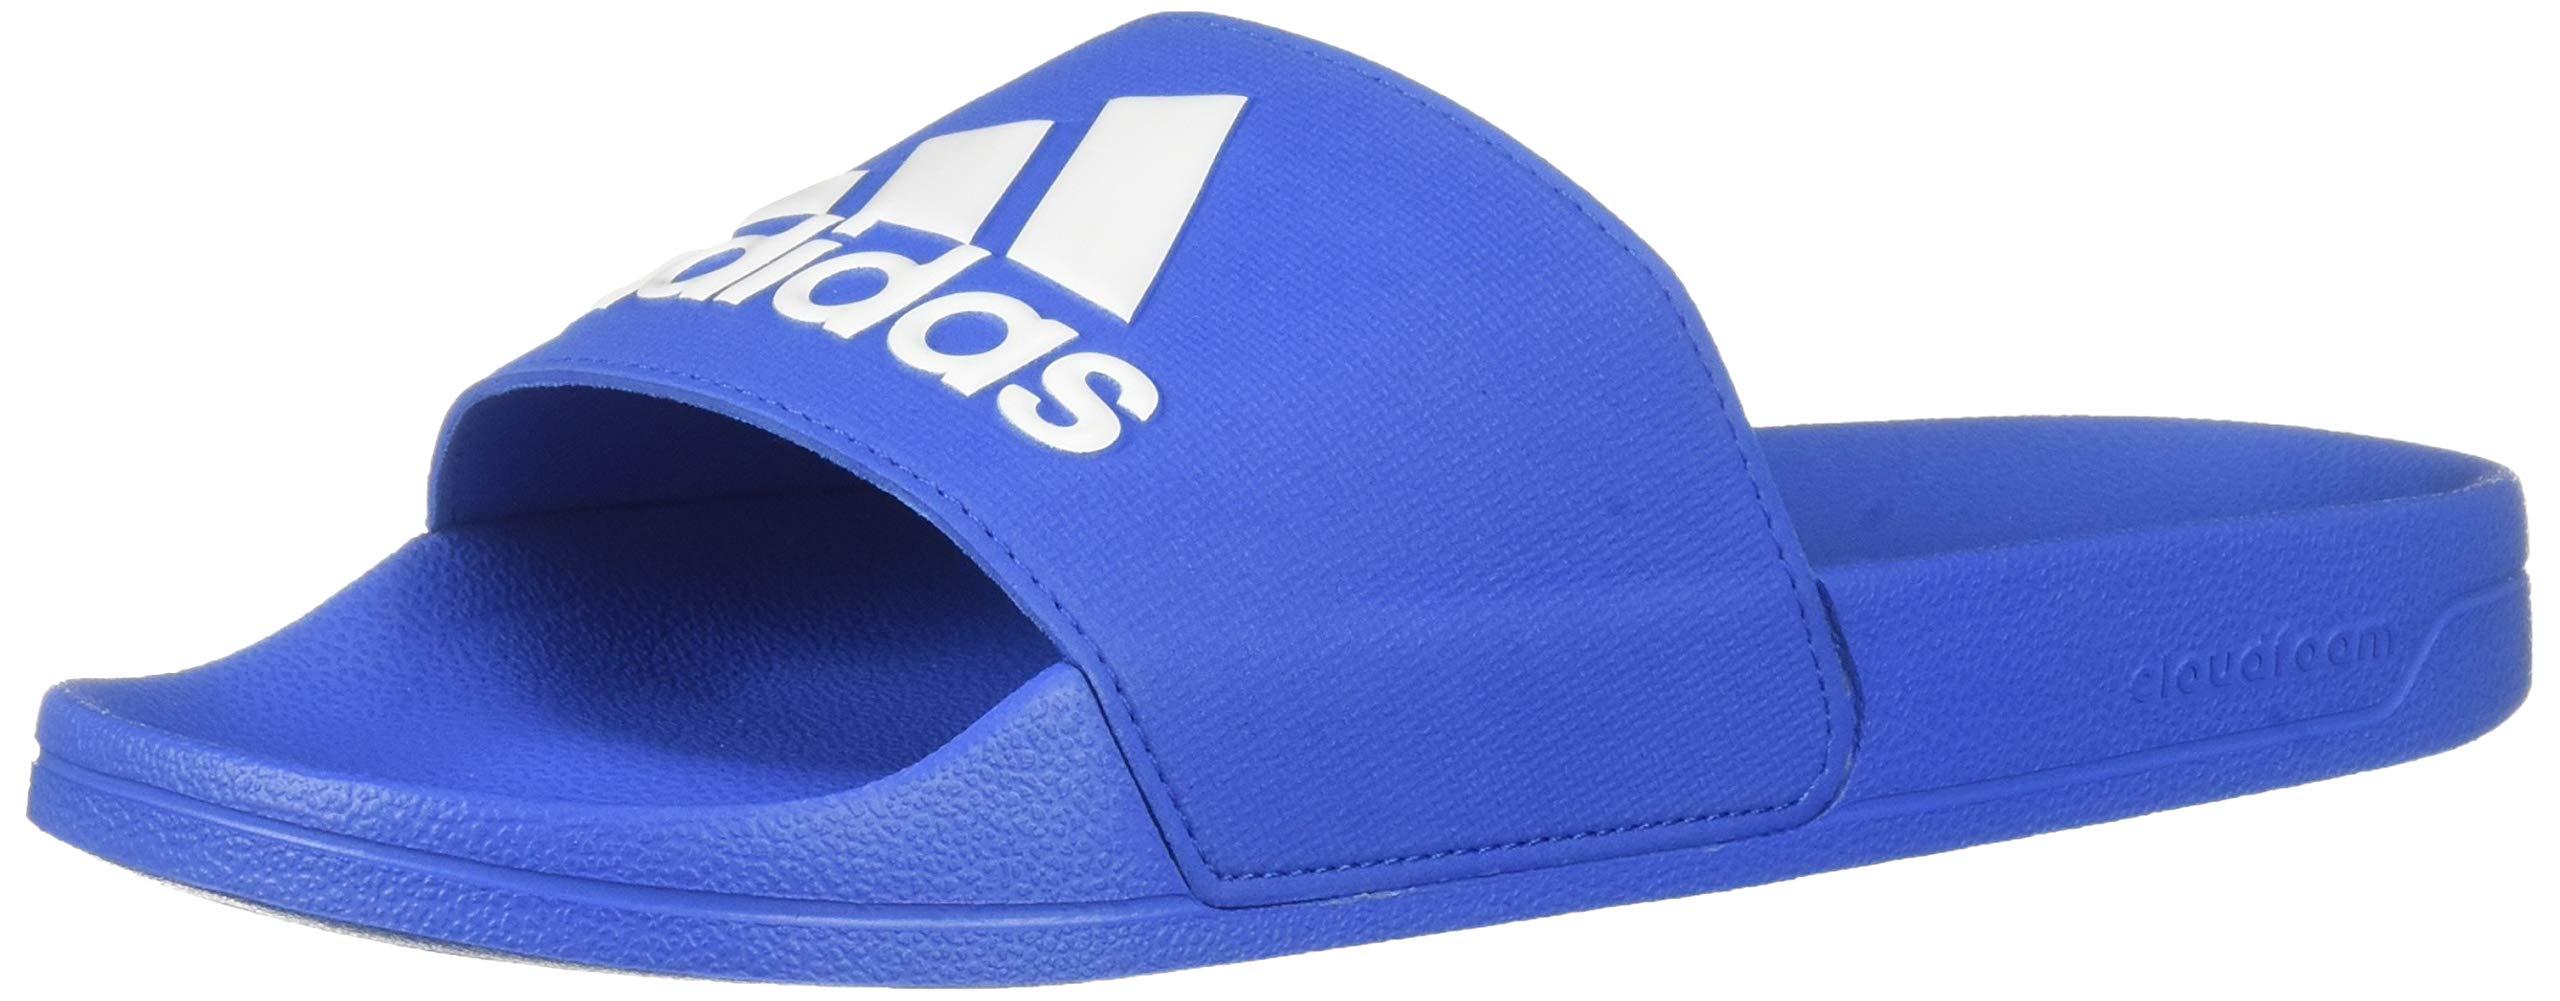 adidas Men's Adilette Shower Sandal, White/Black Blue, 15 Medium US